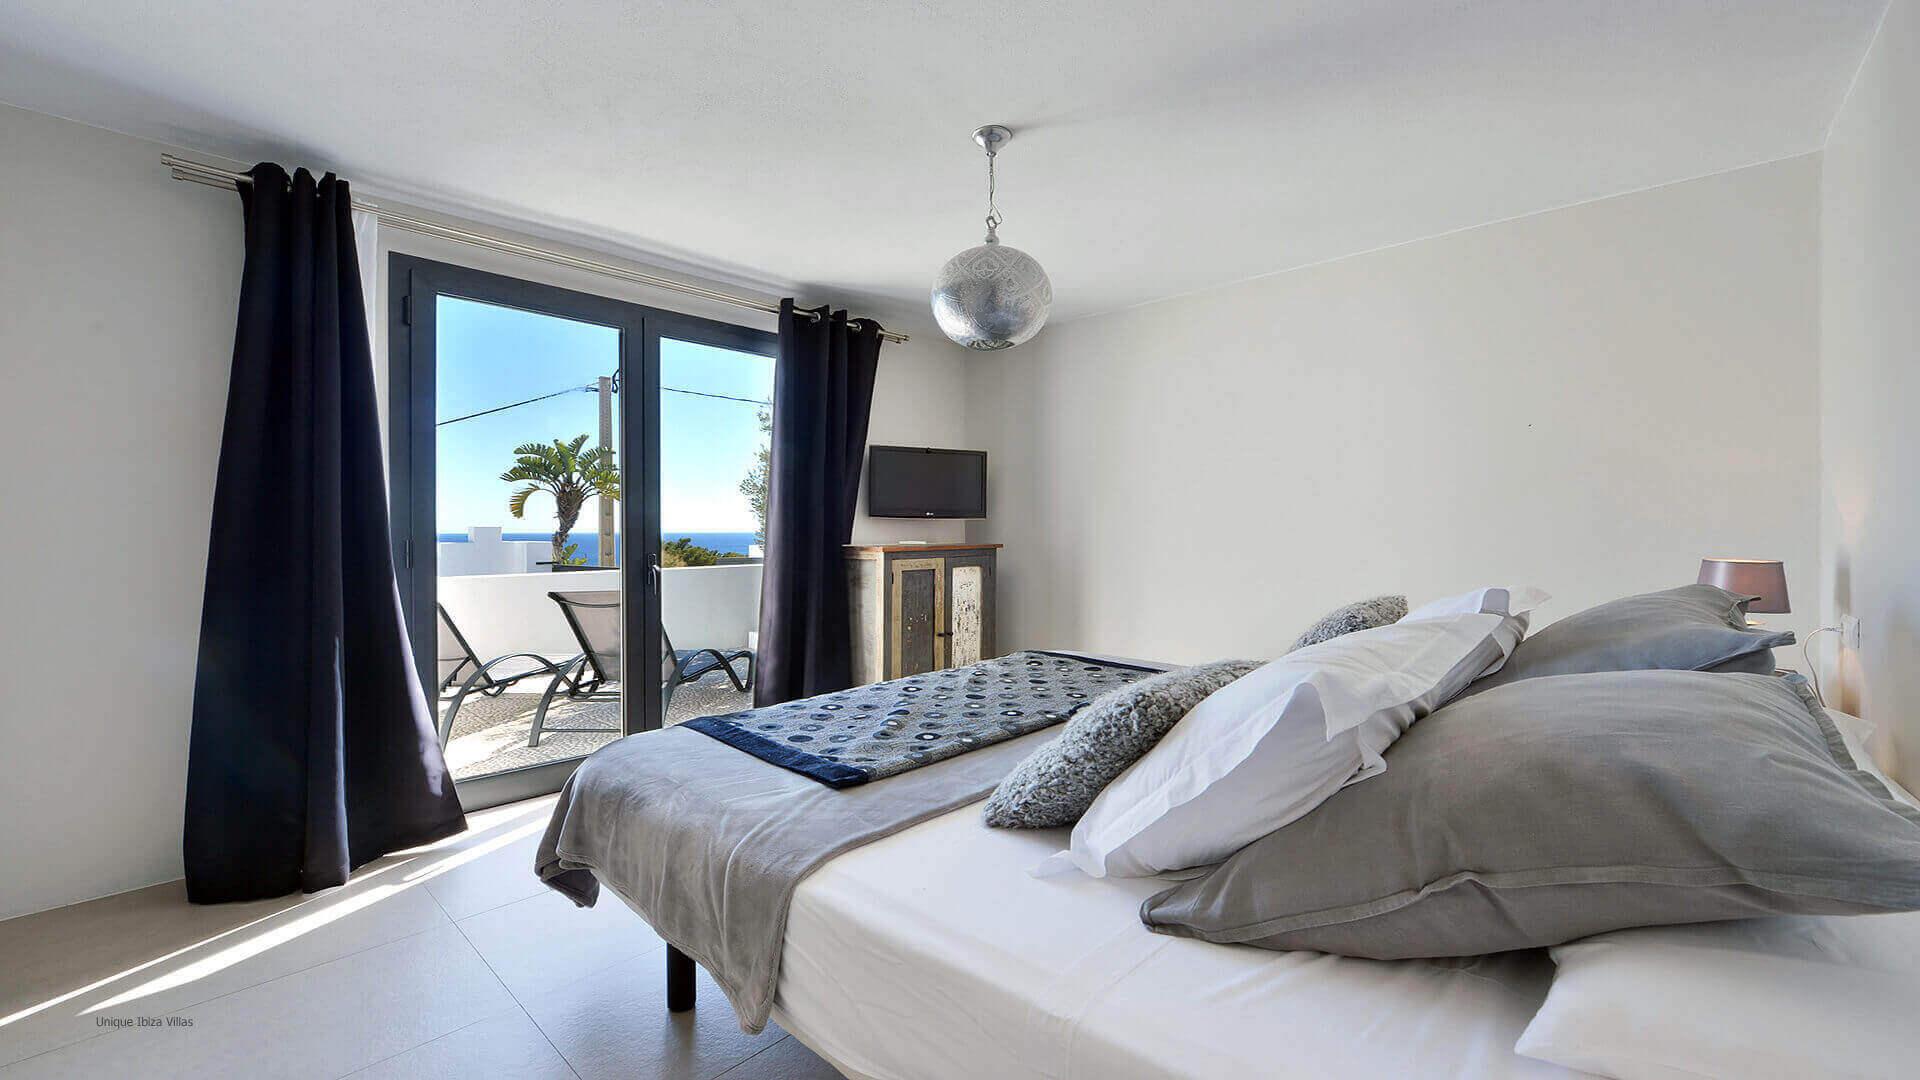 Casa Delfin Ibiza 39 Bedroom 4